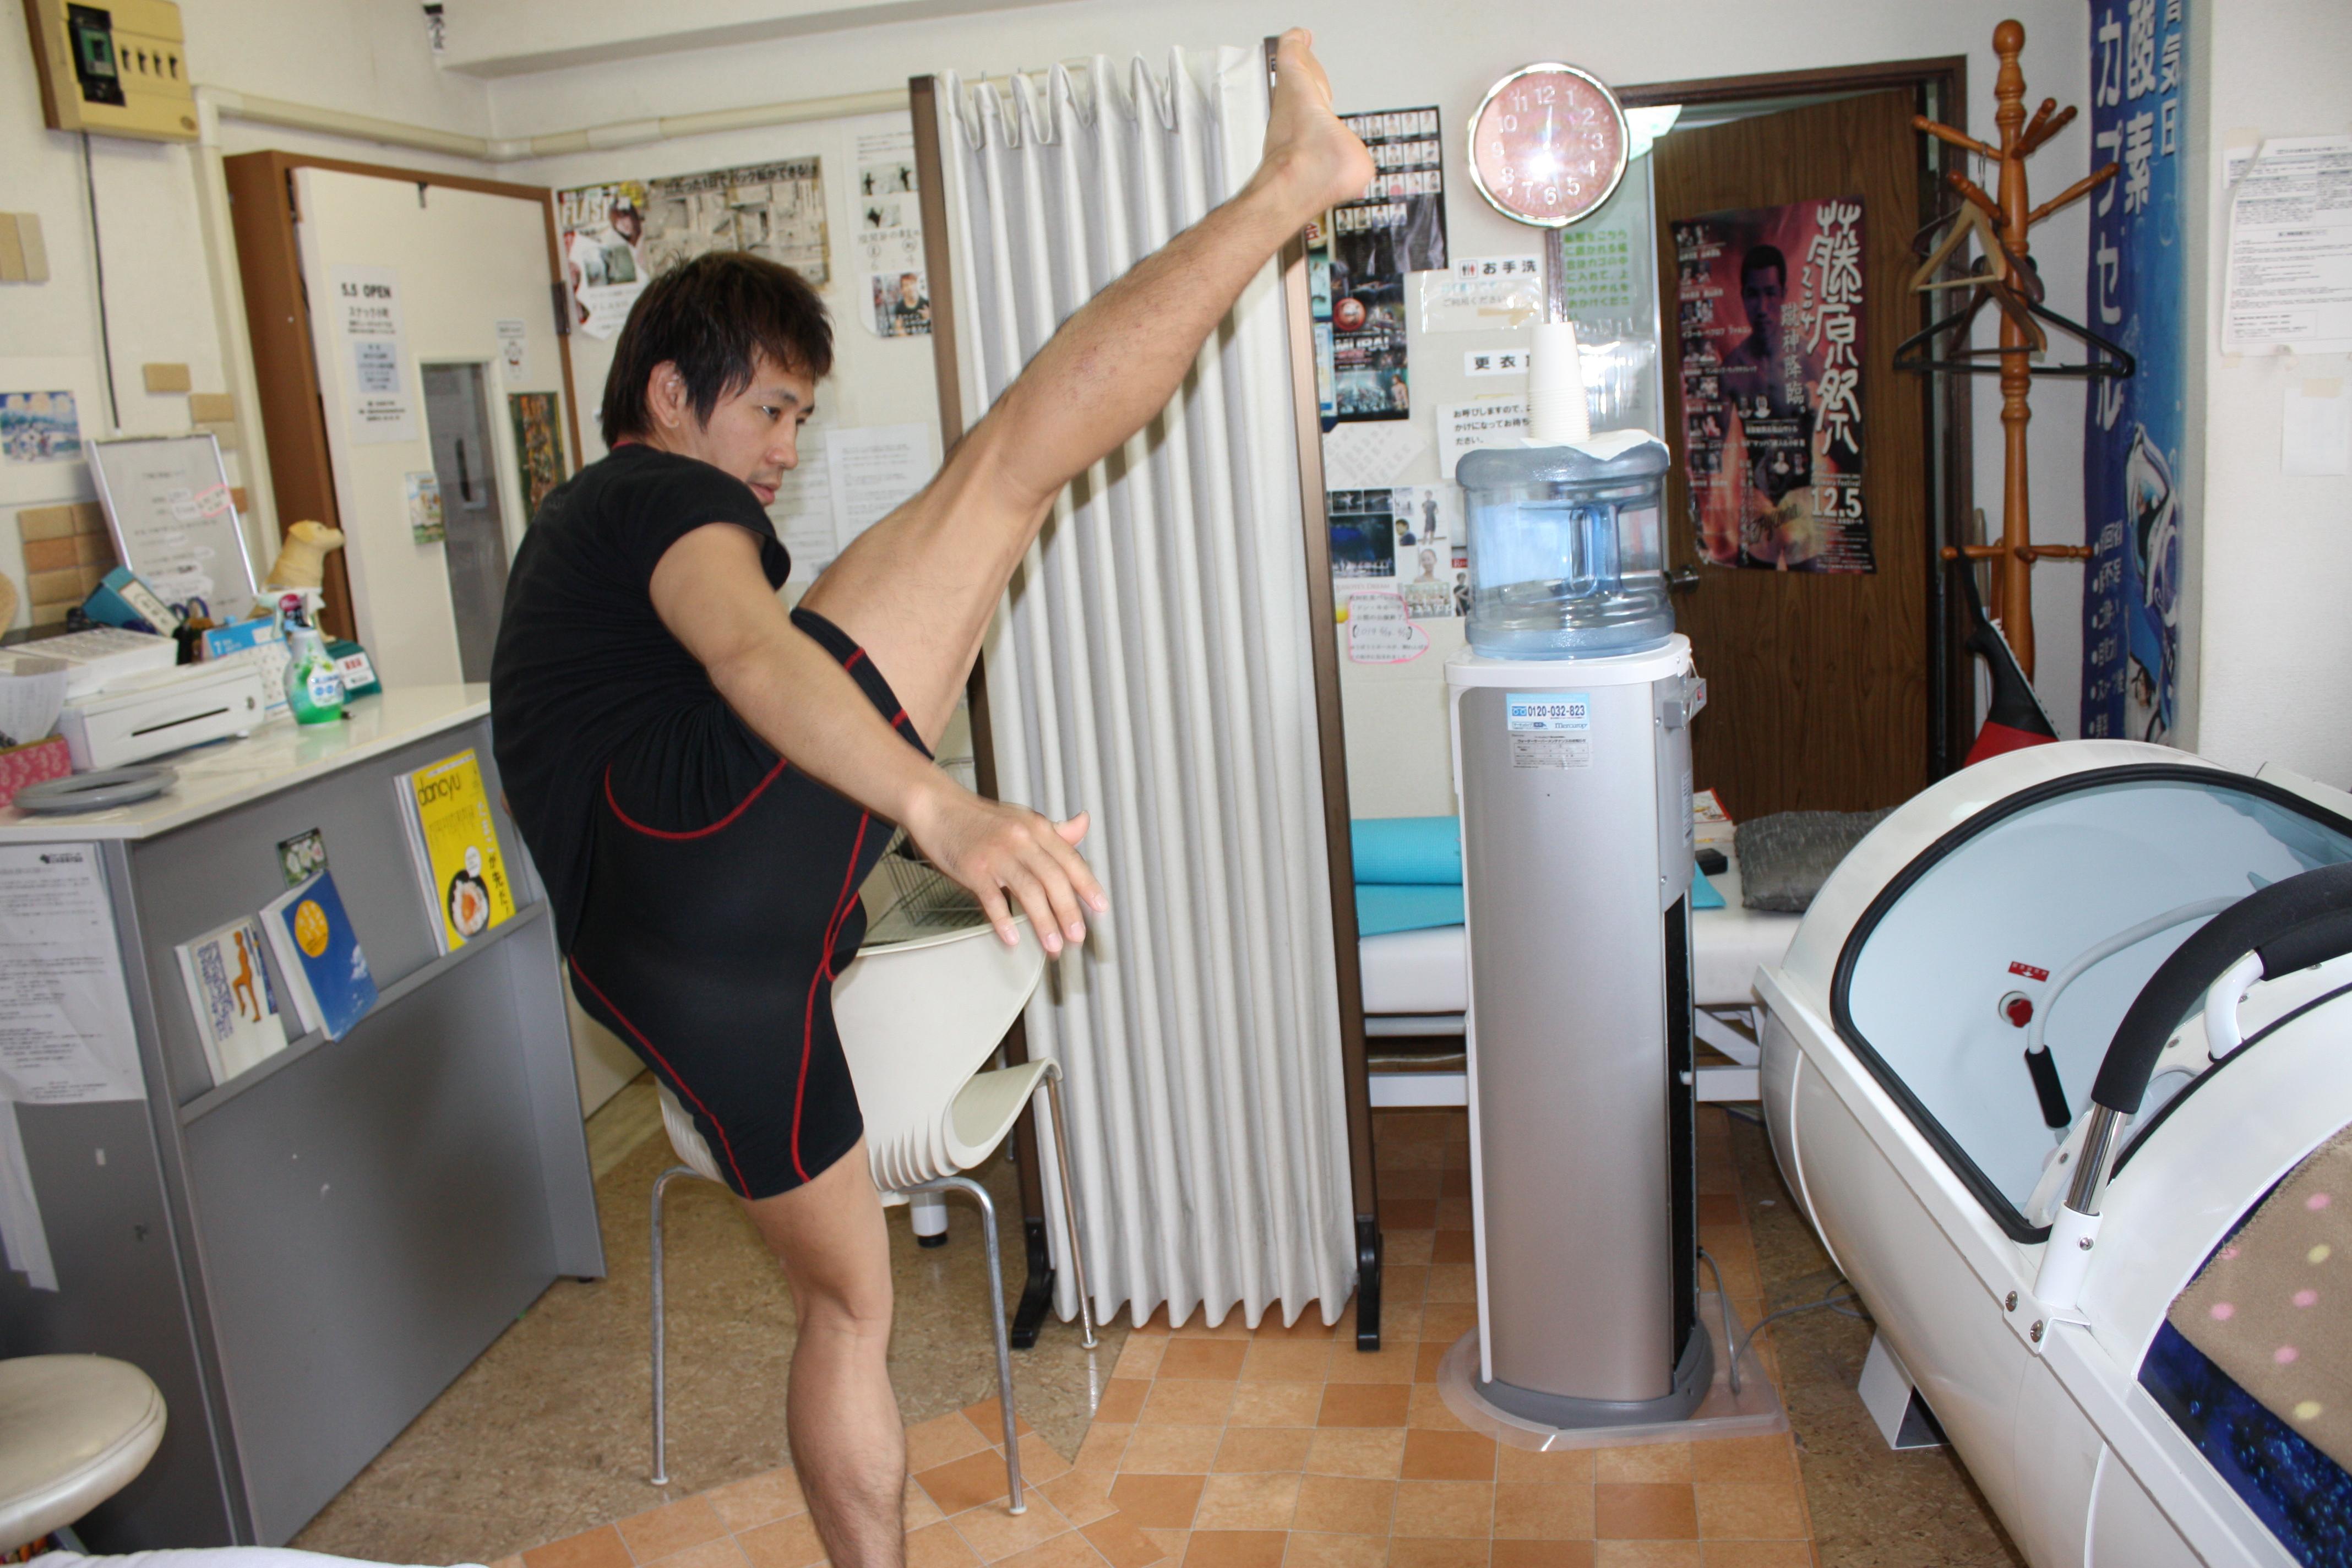 キックボクシングで小尻になる!お尻ふりふり歩き解消で腰痛も撃破。